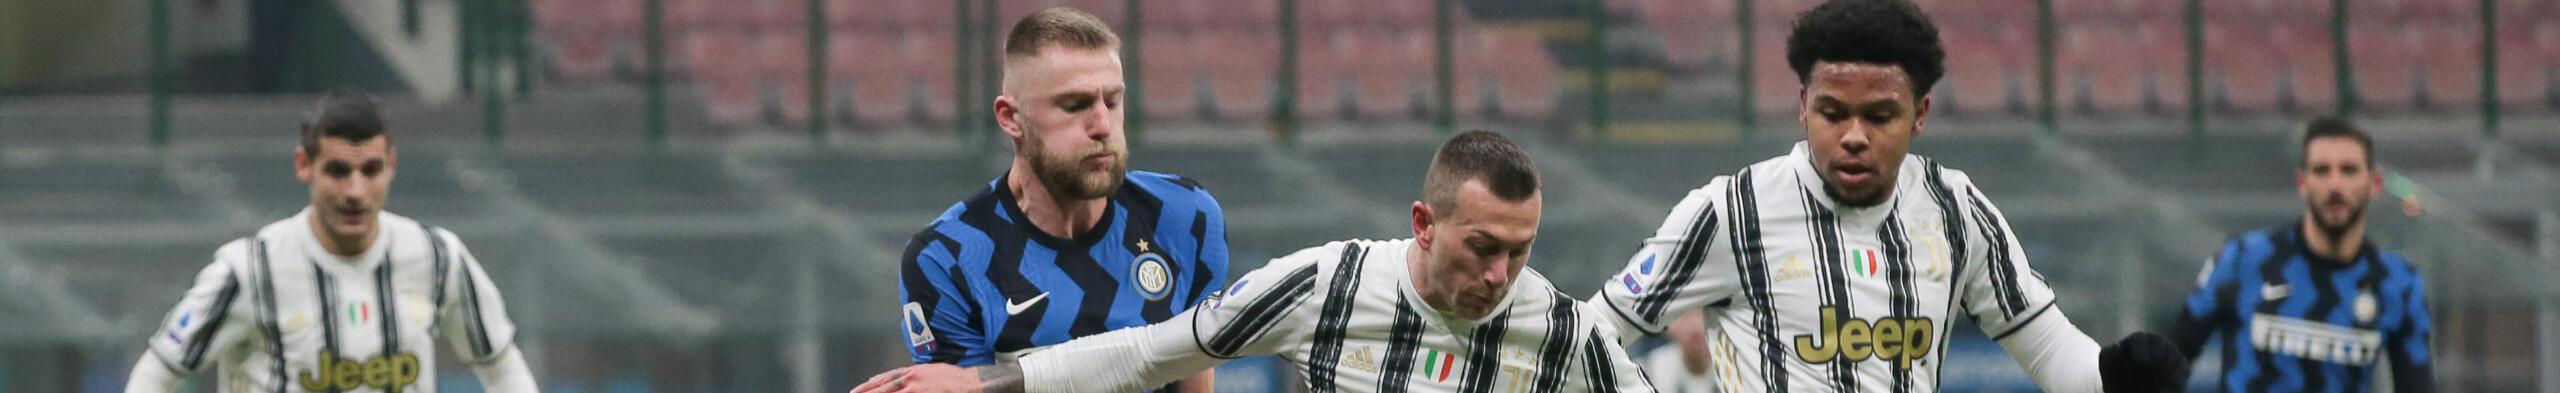 Pronostico Juventus-Inter, Dybala e Lautaro in campo nel derby argentino - le ultimissime